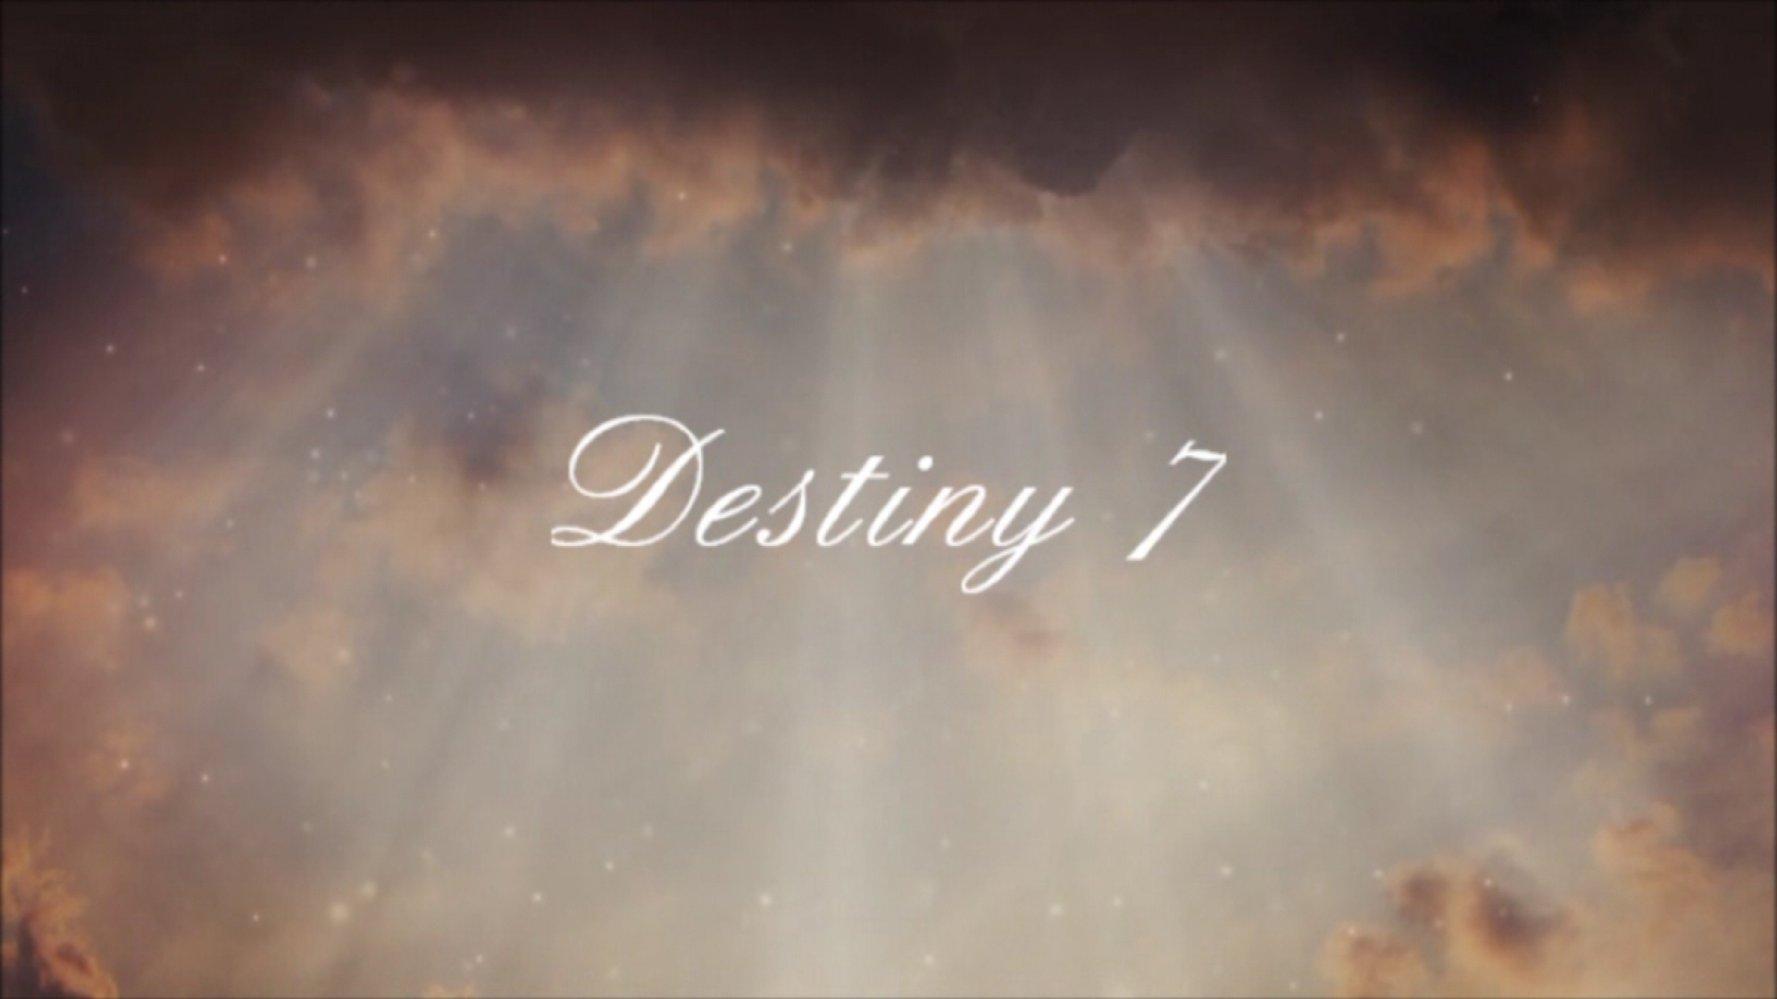 444 Destiny 7 - Miracles happen 1